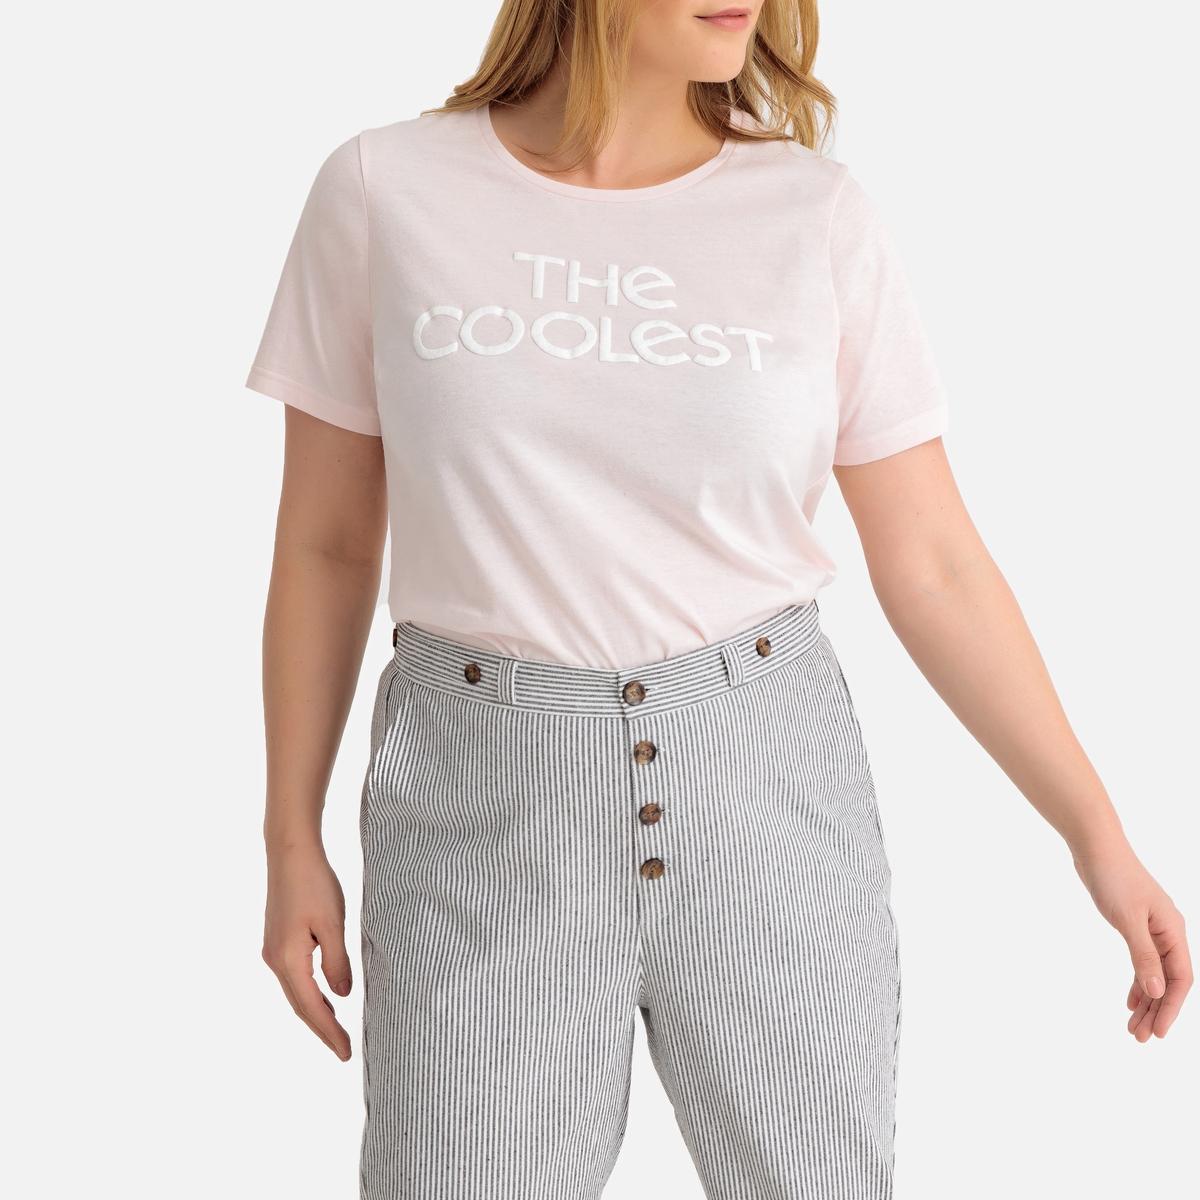 T-shirt de gola redonda com mensagem, mangas curtas